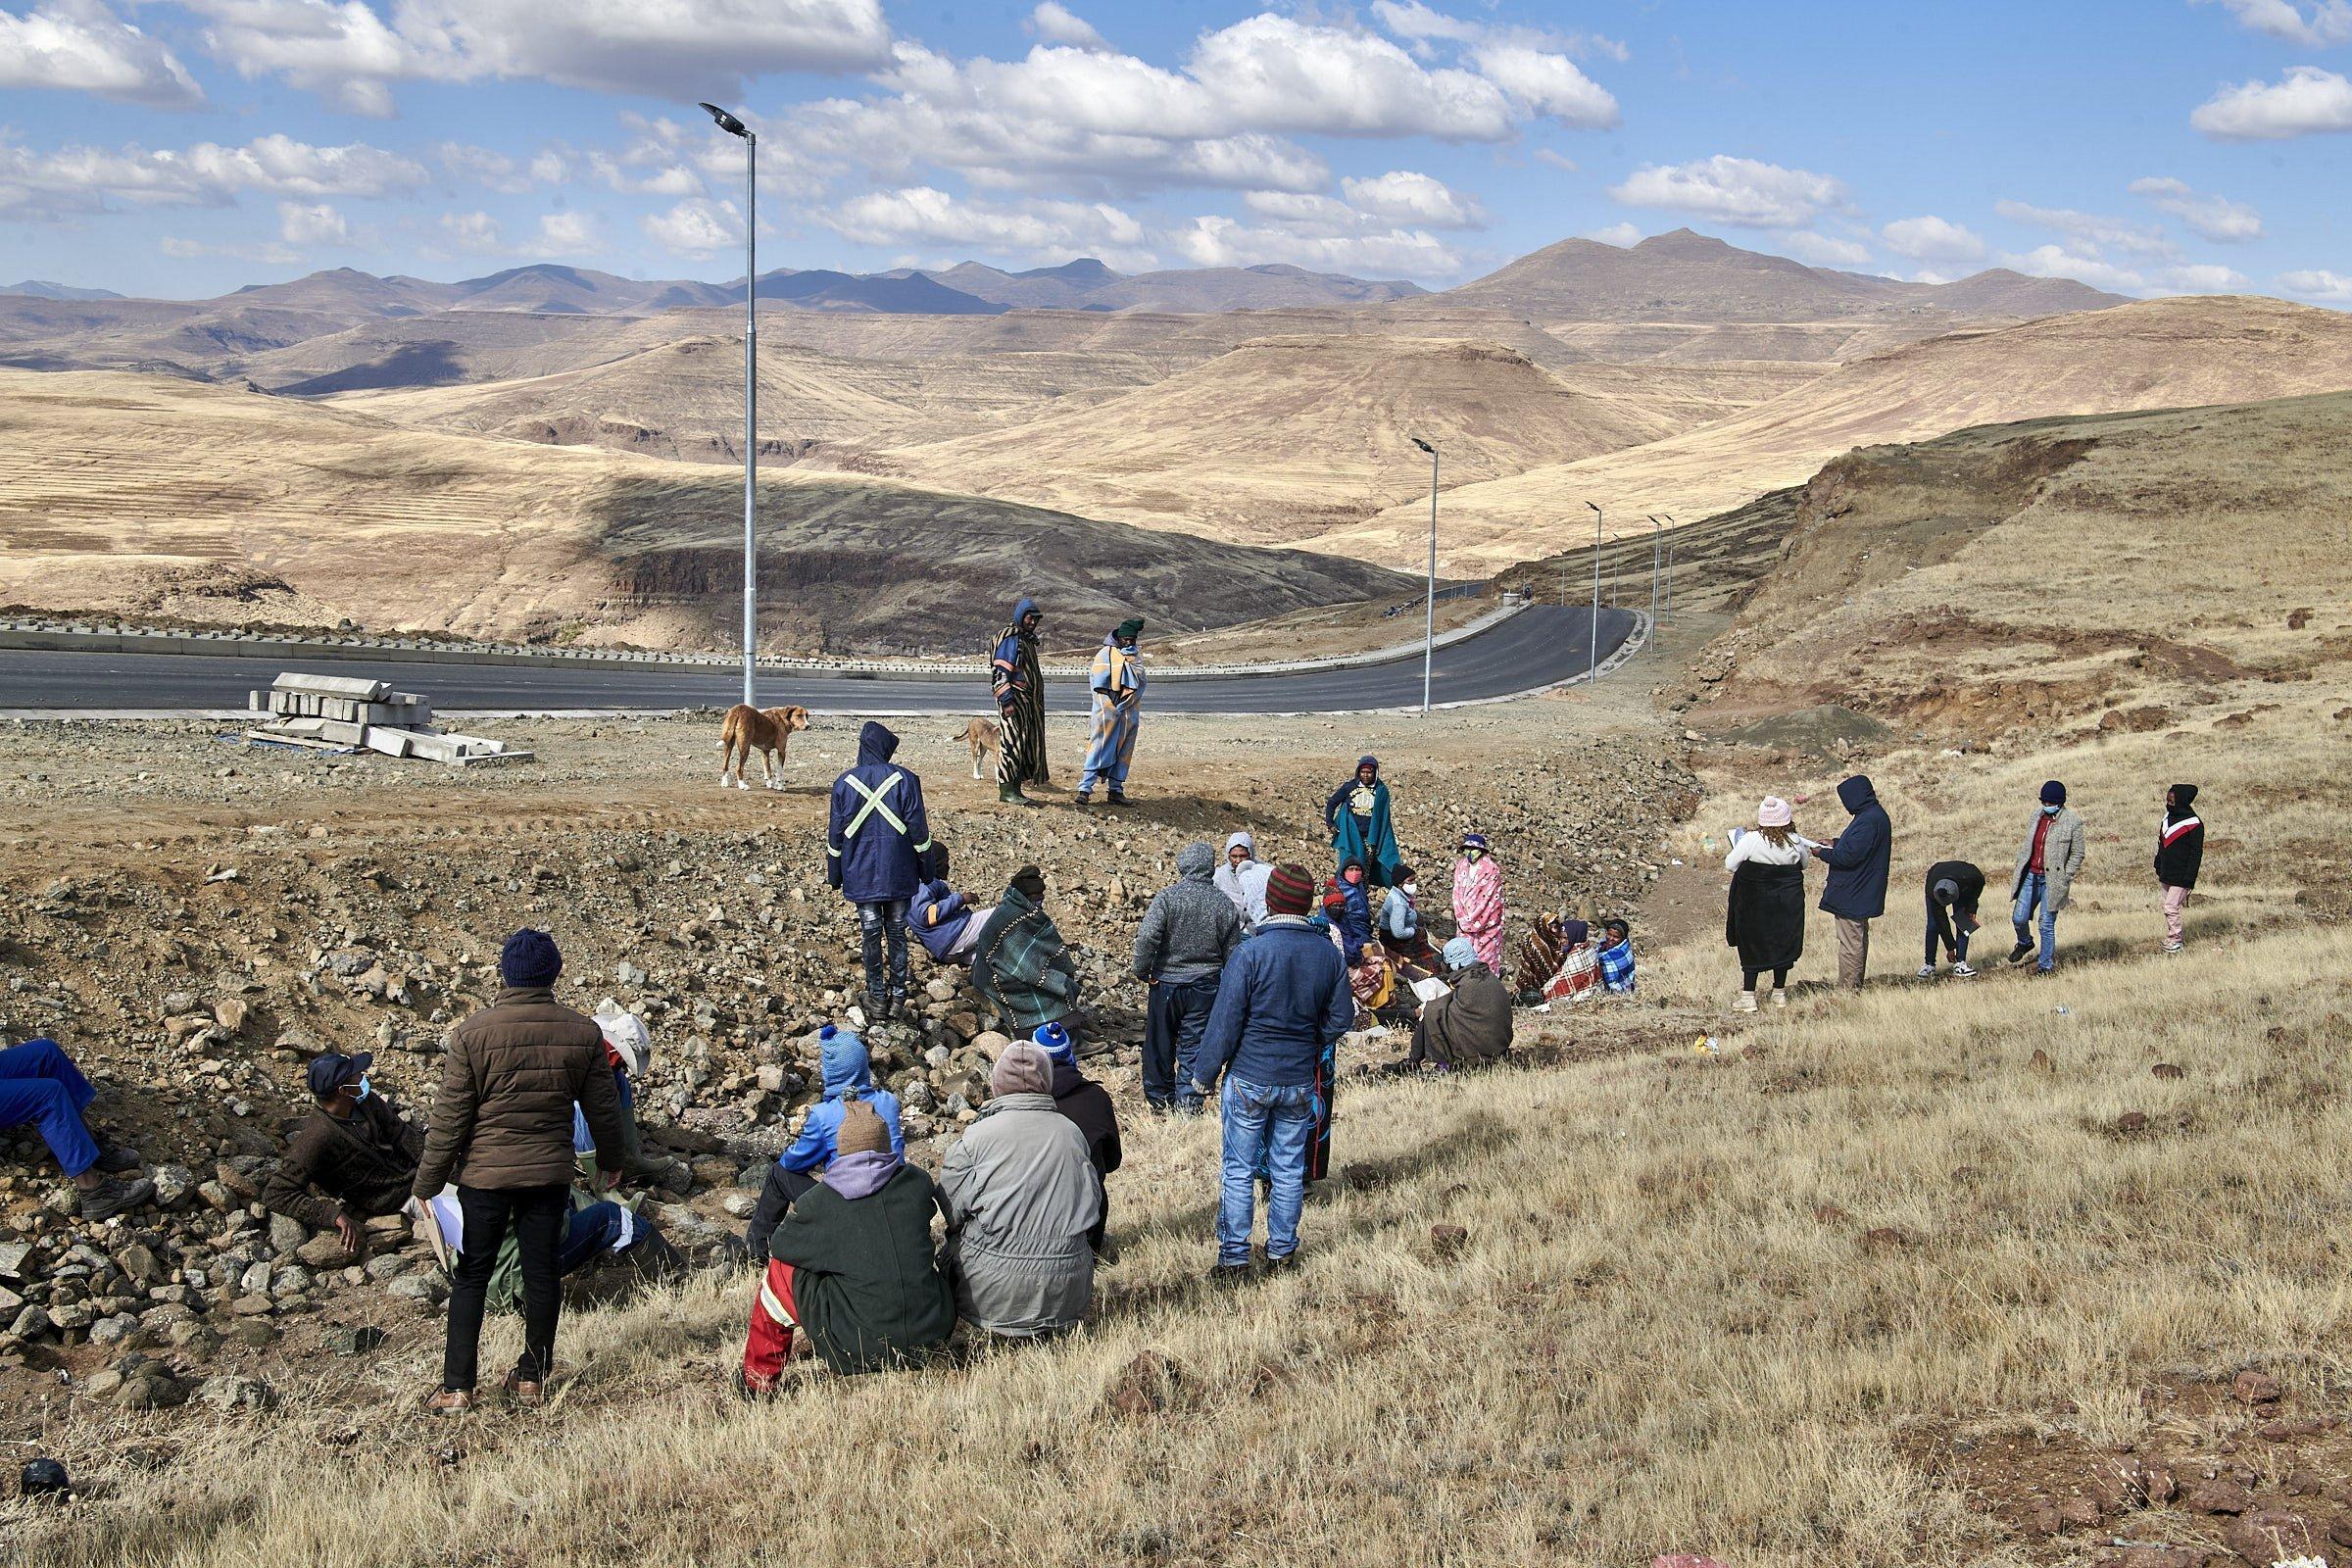 Am Feld am Rand der neuen Teerstraße haben sich die Dorfbewohner zu einem Krisentreffen versammelt, einige stehen, andere sitzen auf dem Boden